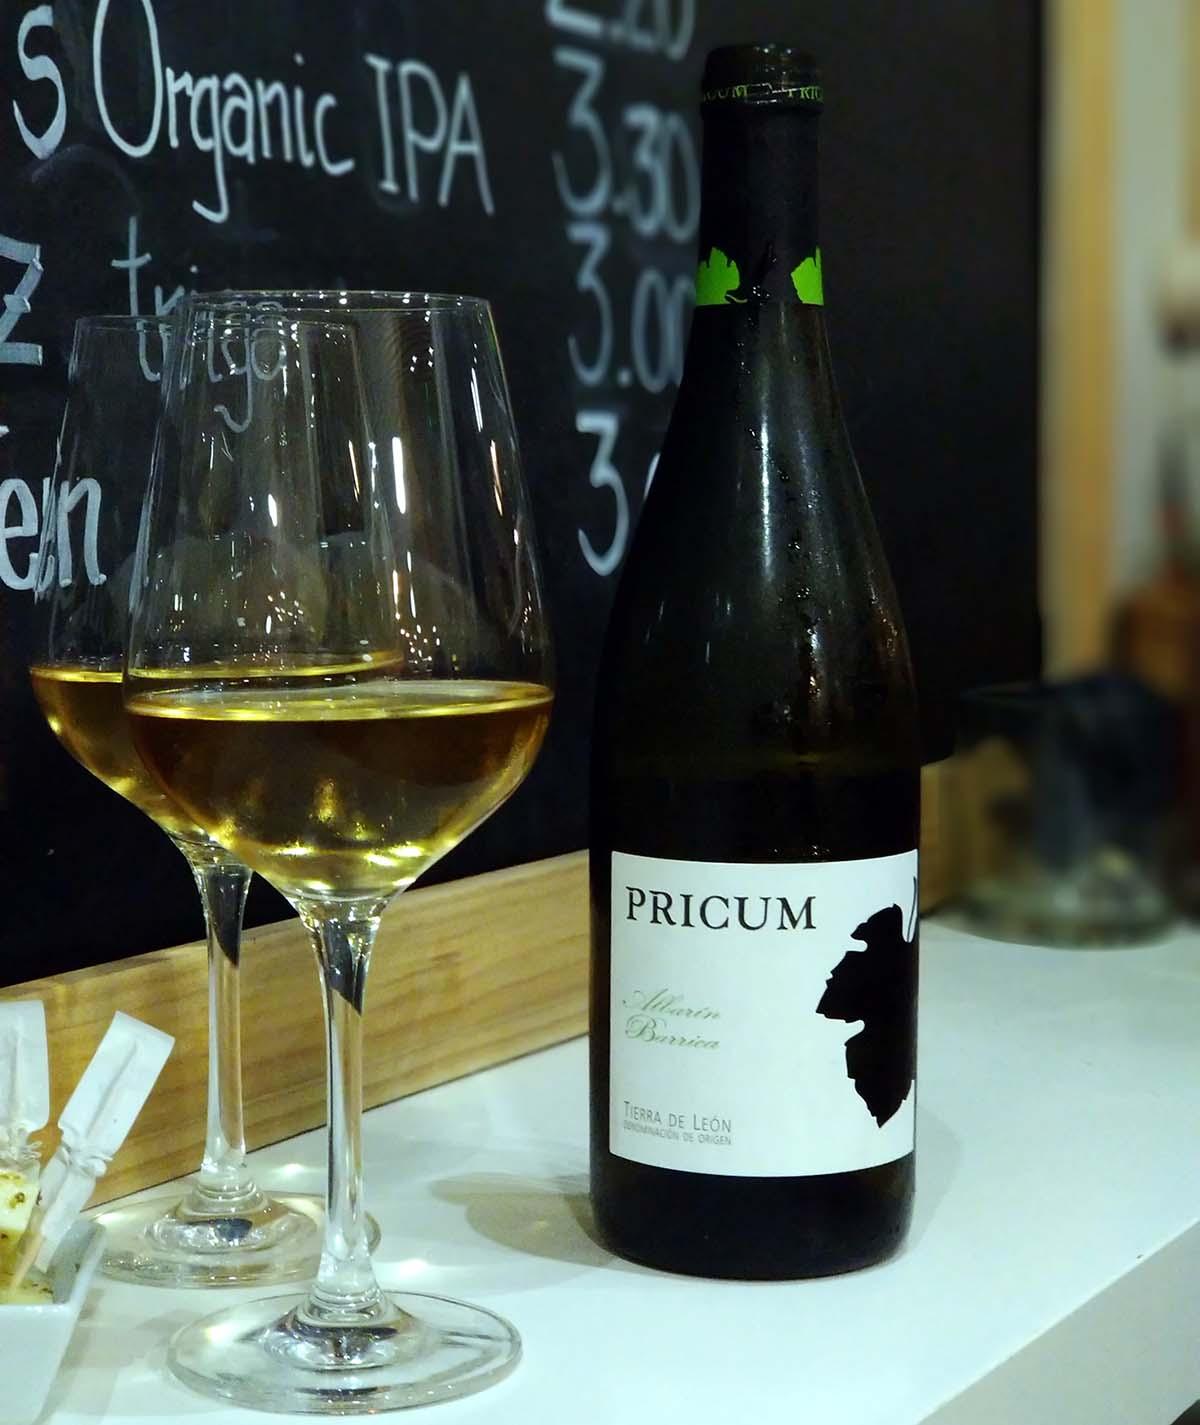 Pricum Albarin Barrica vino 2016